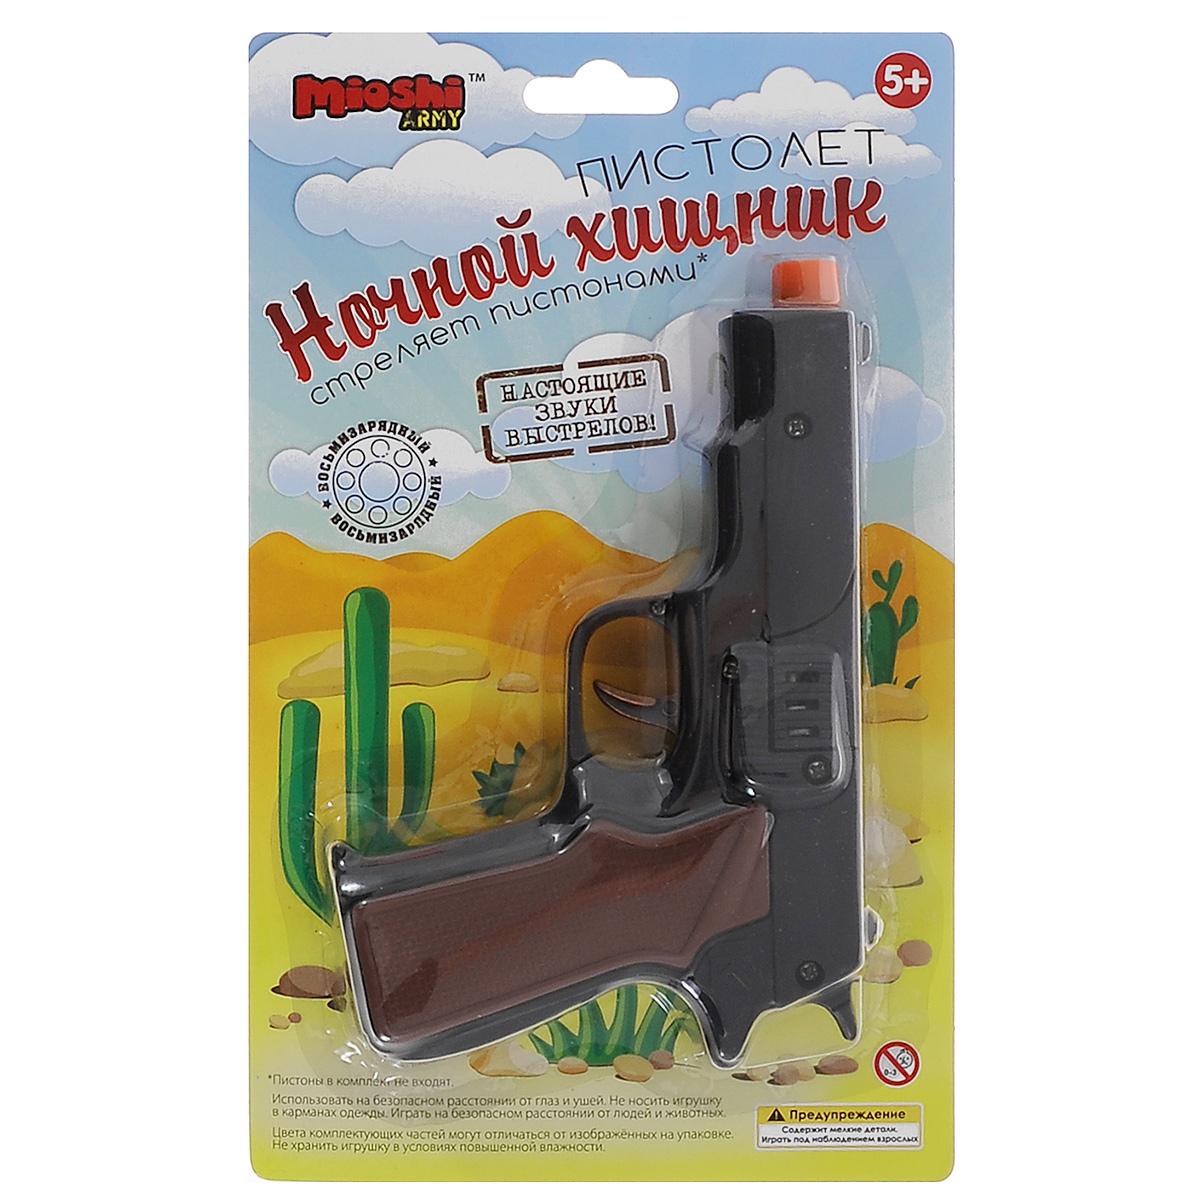 Пистолет Mioshi Army Ночной хищник, цвет: черный mioshi игровой набор галактическая миссия mioshi army